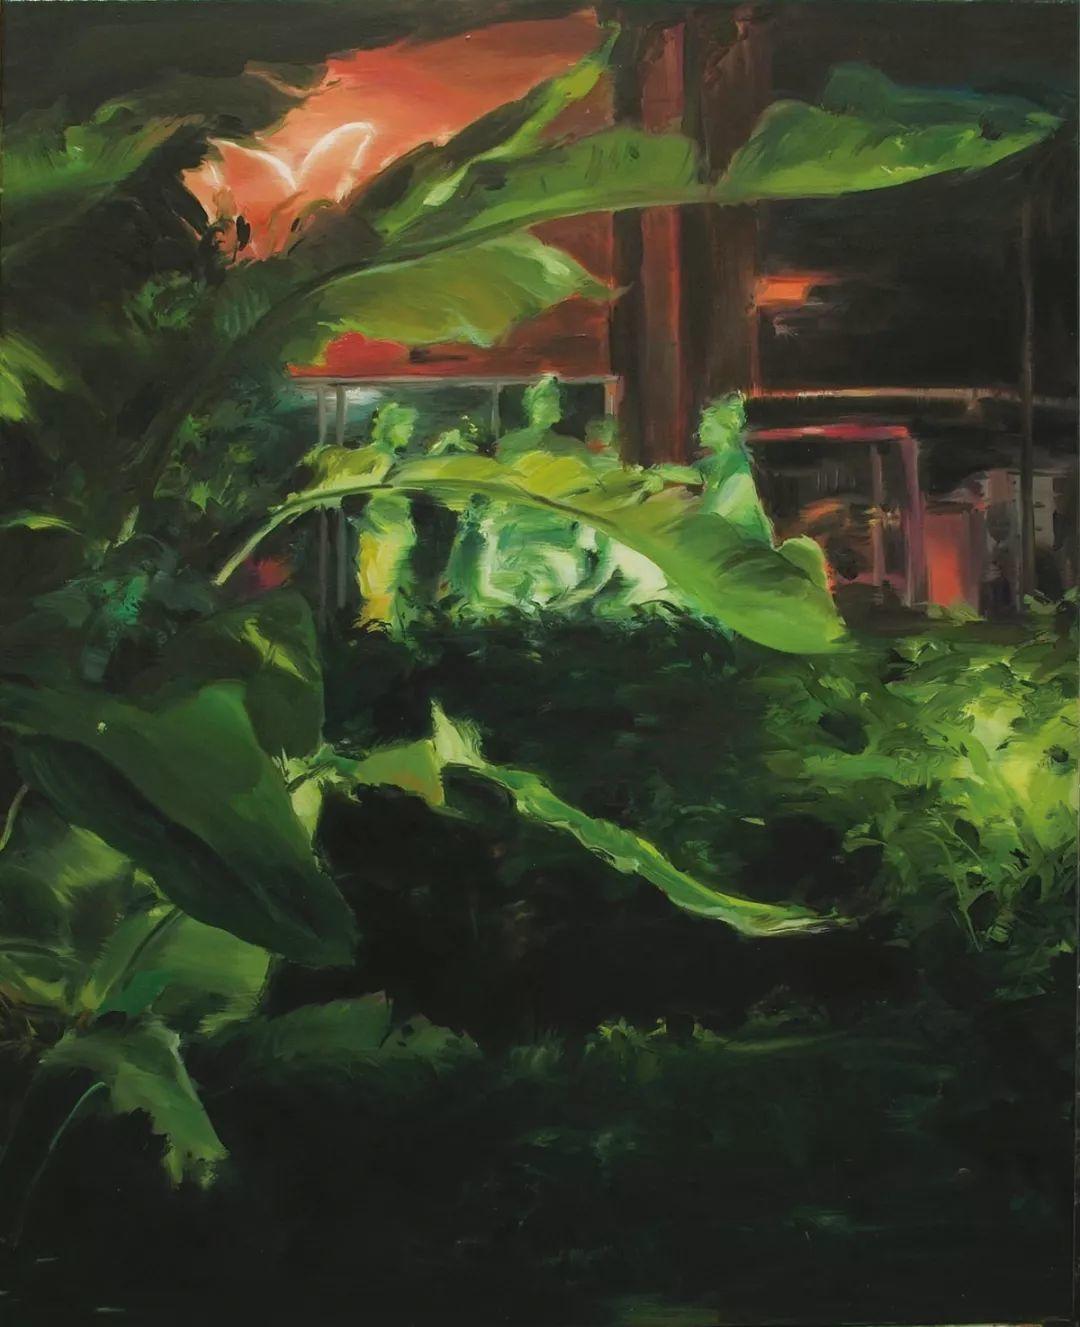 鄒享想 A206 油畫顏料、畫布 65 x 80 cm 2017